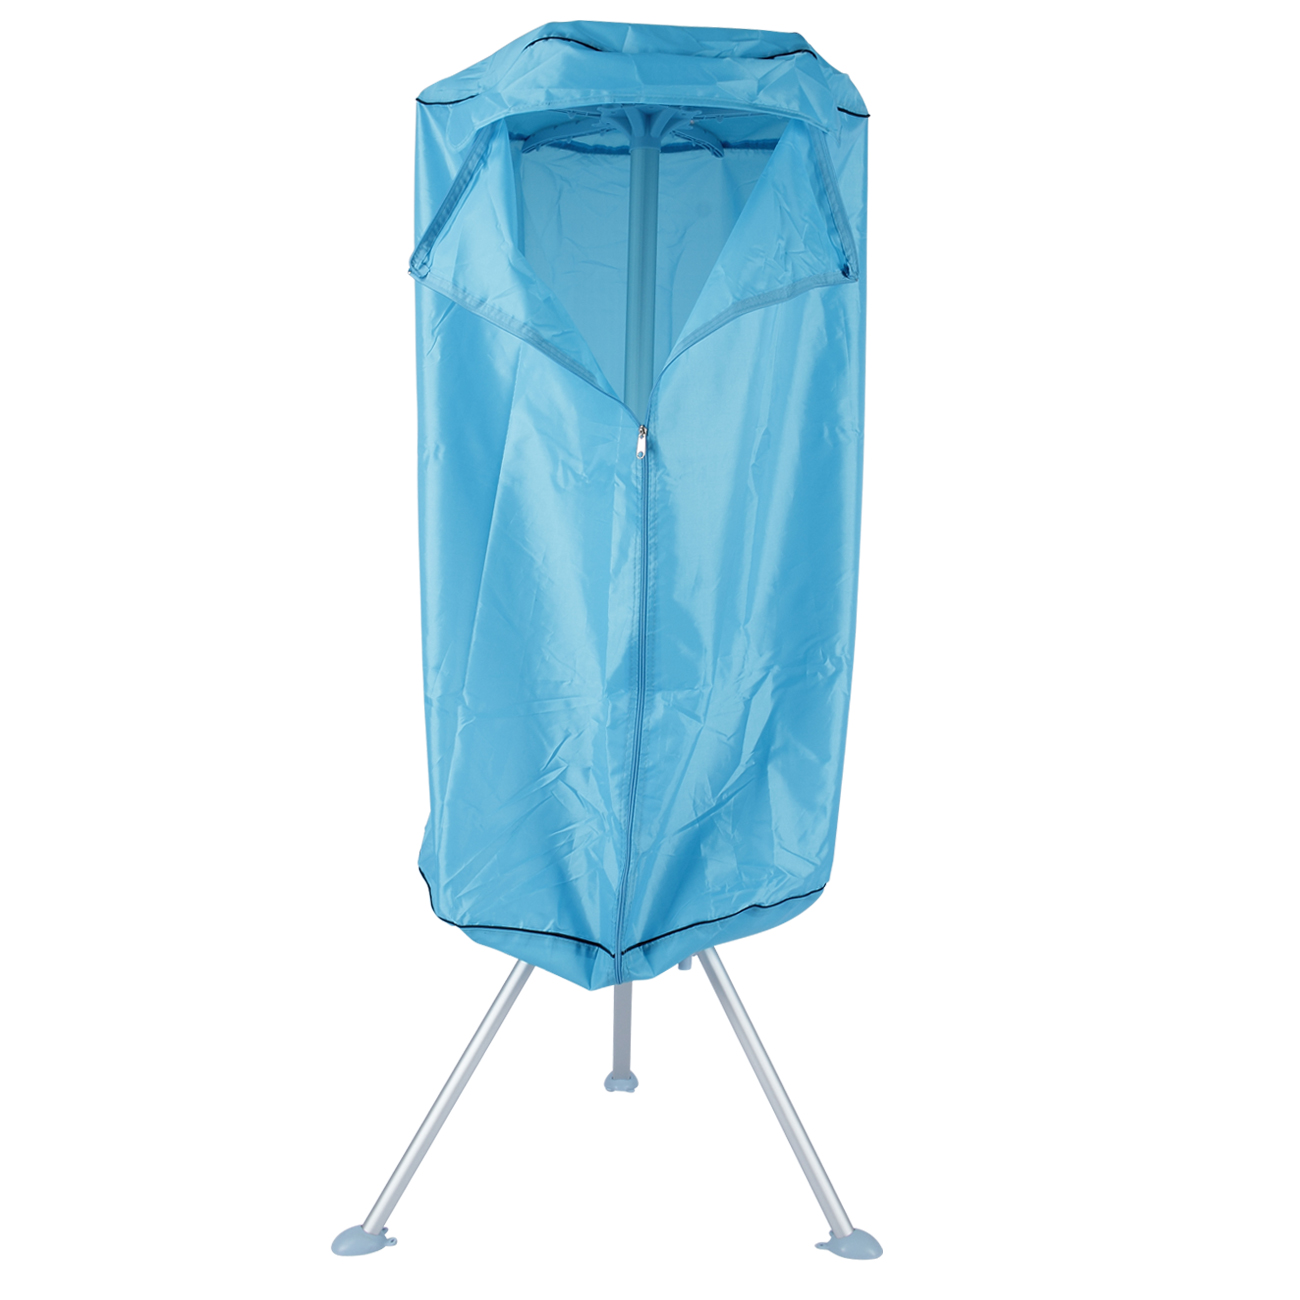 Hard Case Cover Bag Box for JBL Flip 3 or Flip 4 BT Speaker Hard EVA Case O1P1